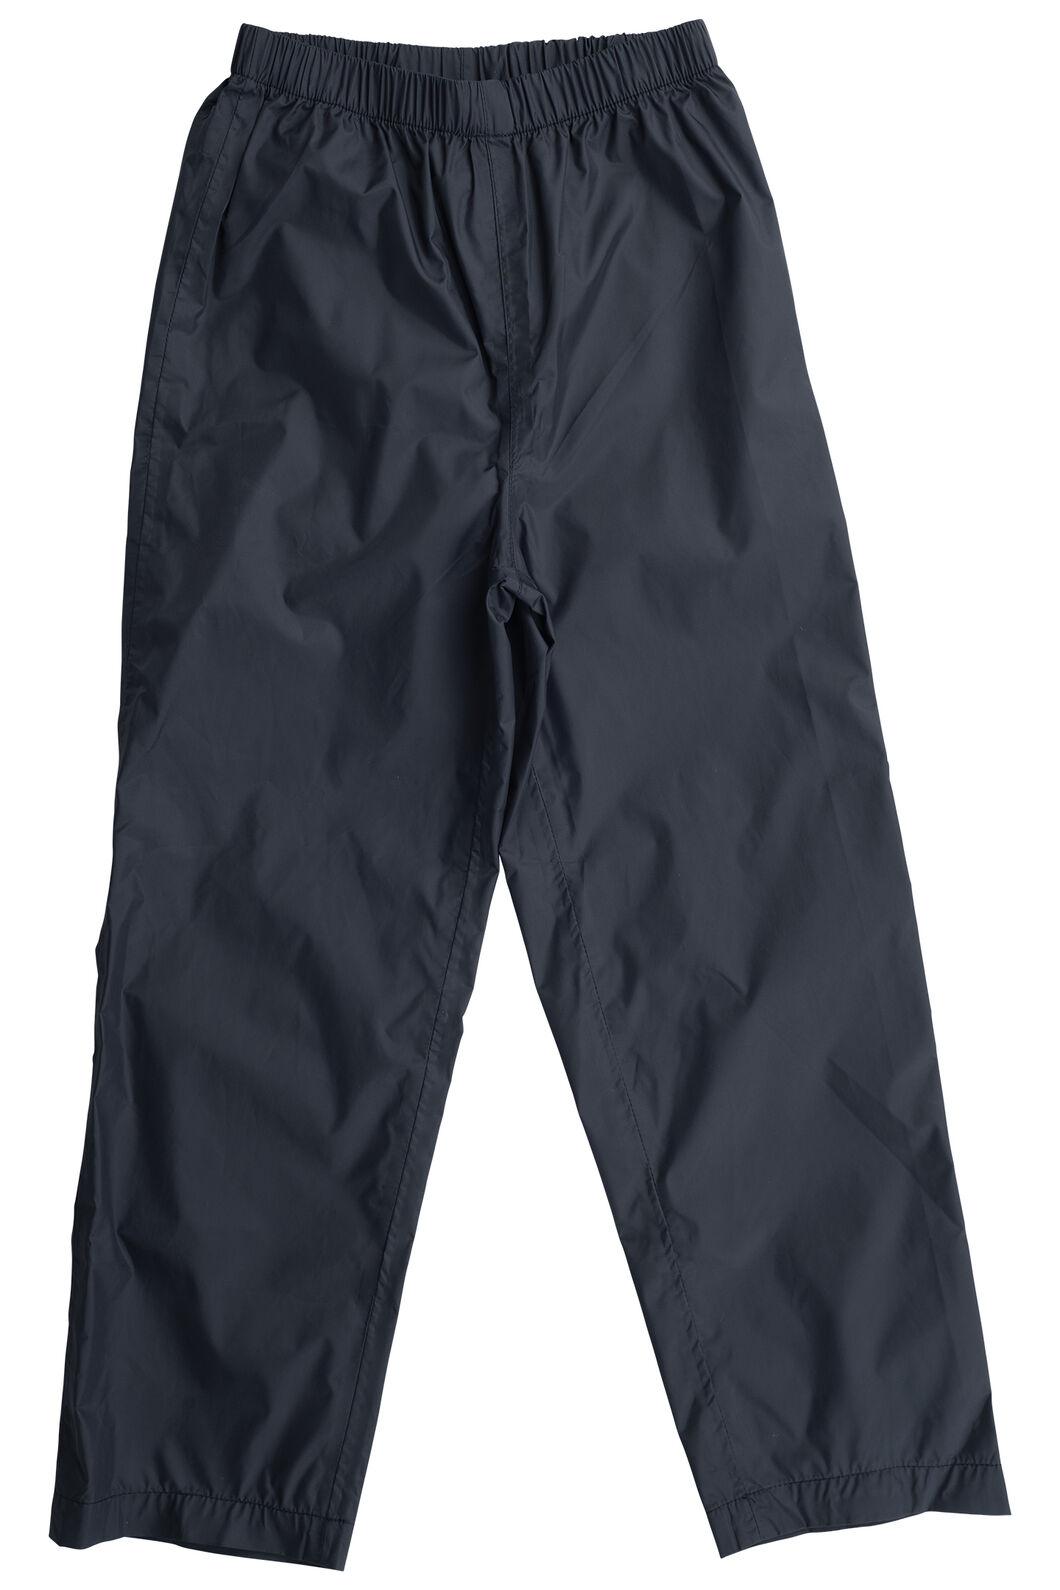 Macpac Pack-It-Pant - Kids', Black, hi-res